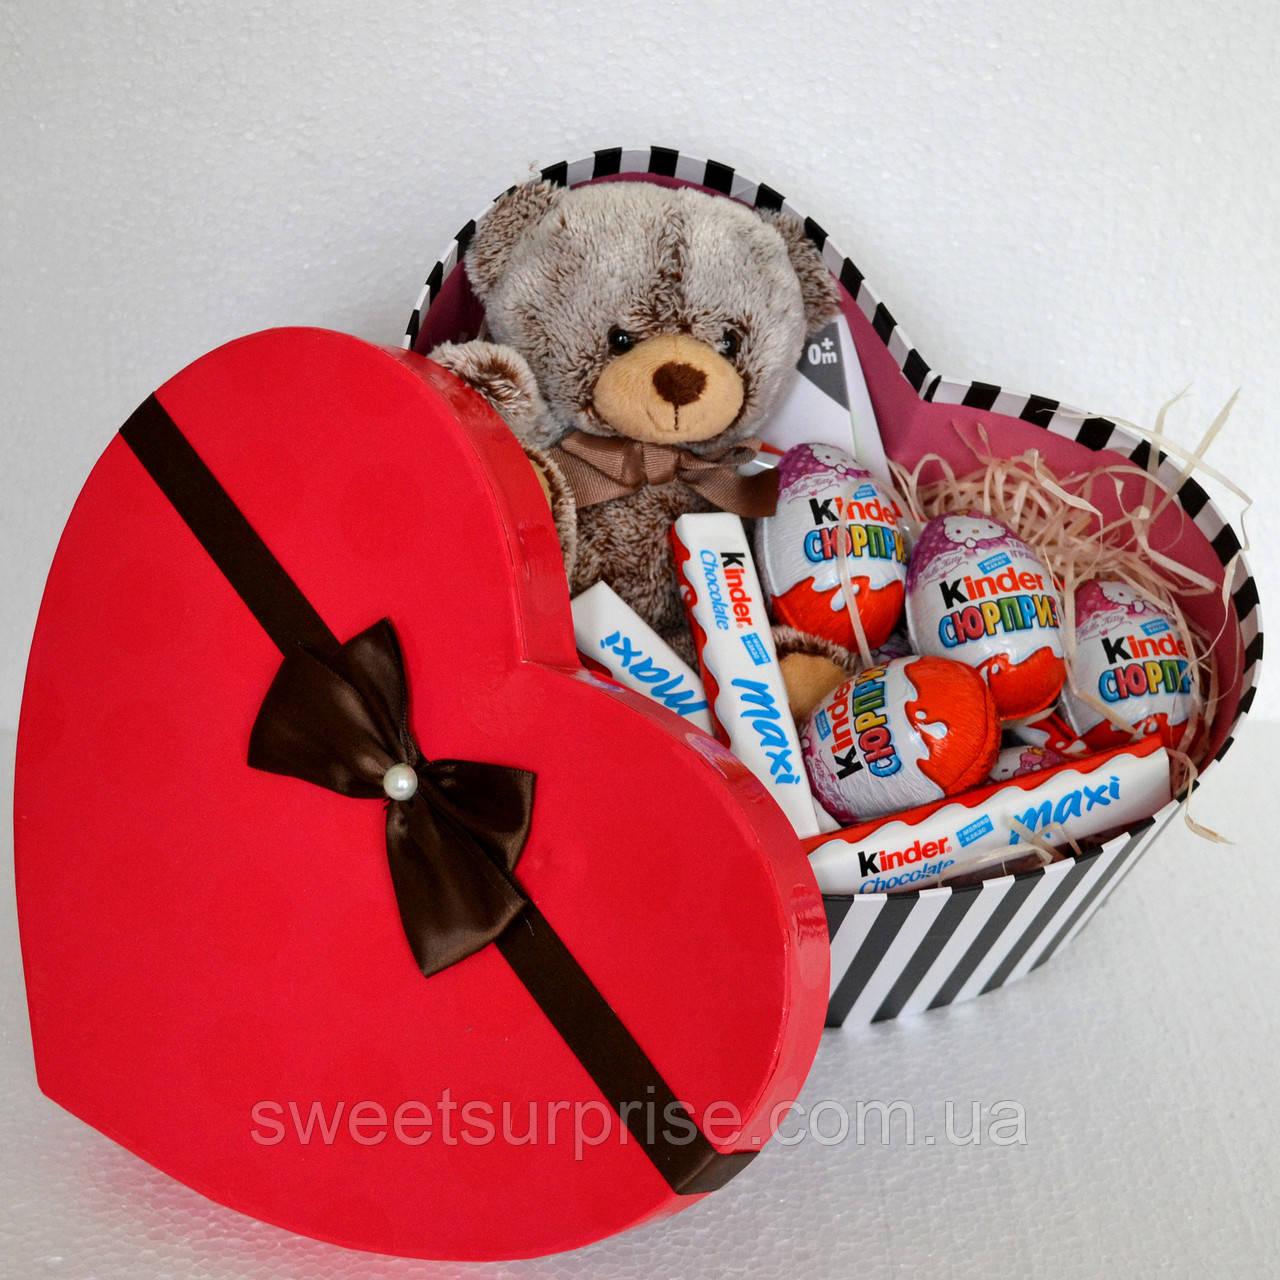 Подарок любимому - купить оригинальный подарок любимому 43